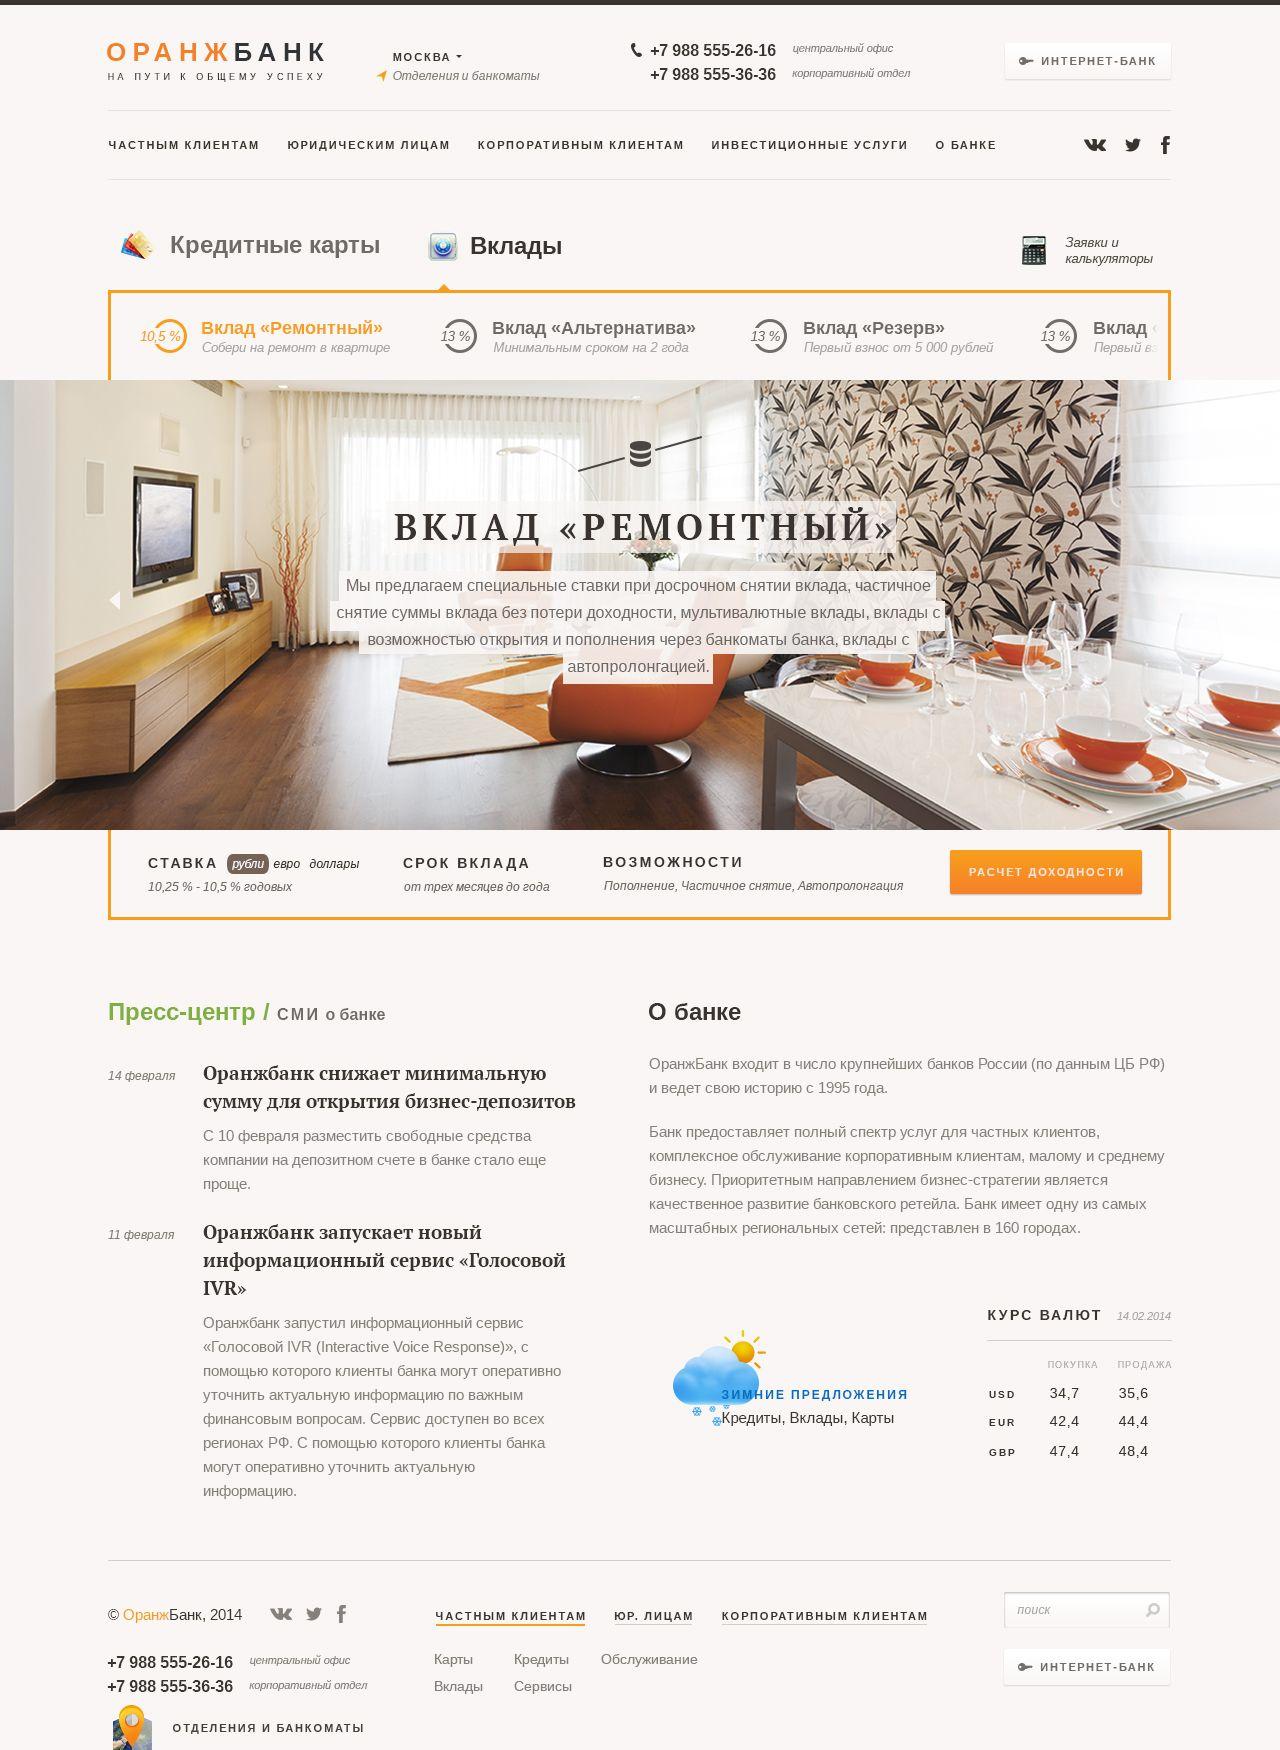 Креативный дизайн Главной страницы Банка - дизайнер skonik